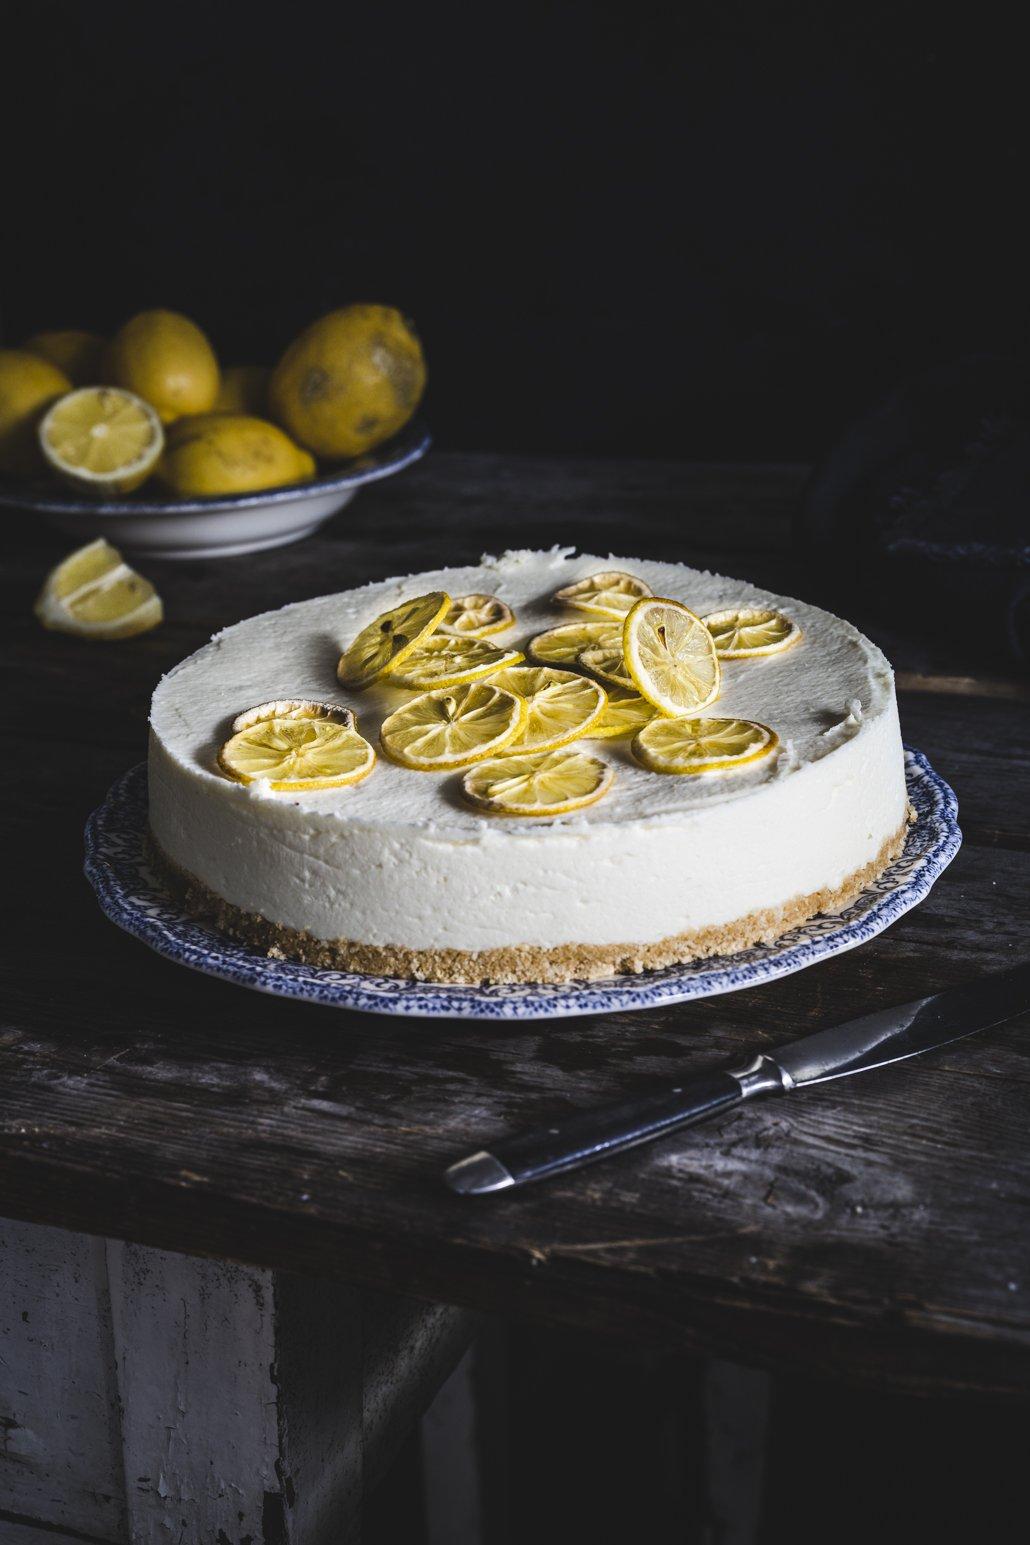 Erfrischende Zitronen Torte